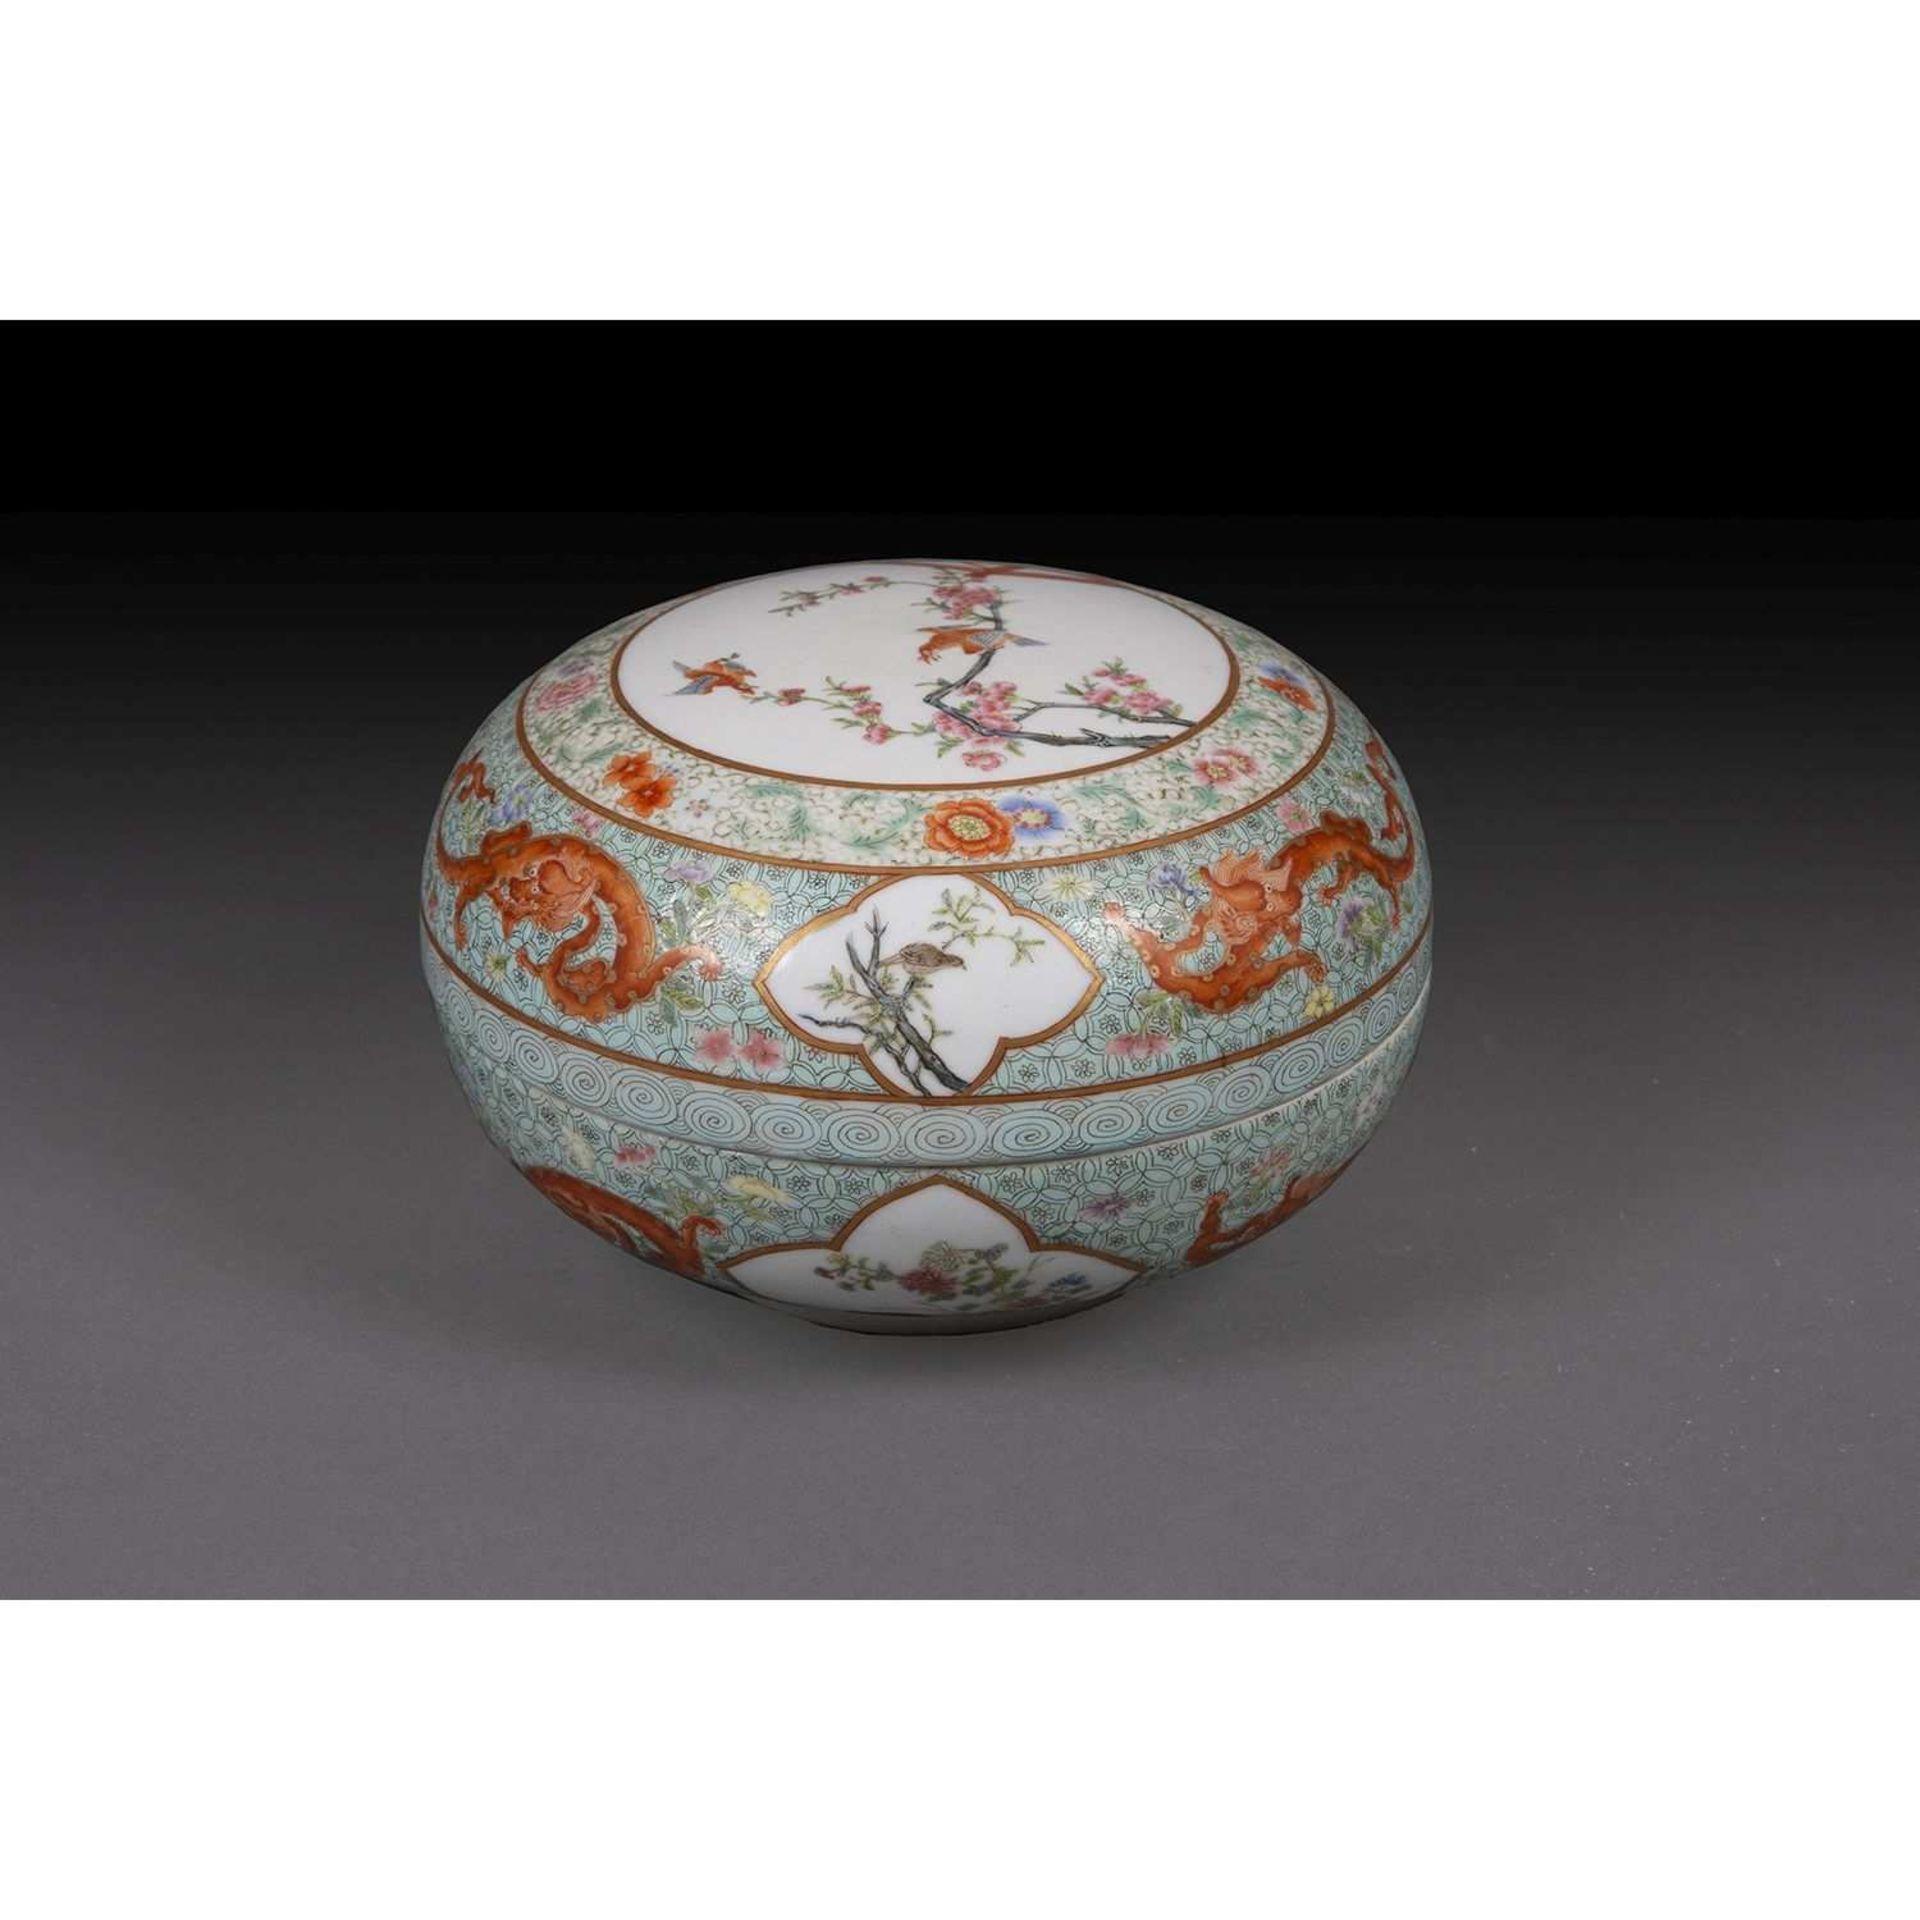 BOÎTE RONDE COUVERTE en porcelaine et émaux polychromes dans le style de la famille rose et